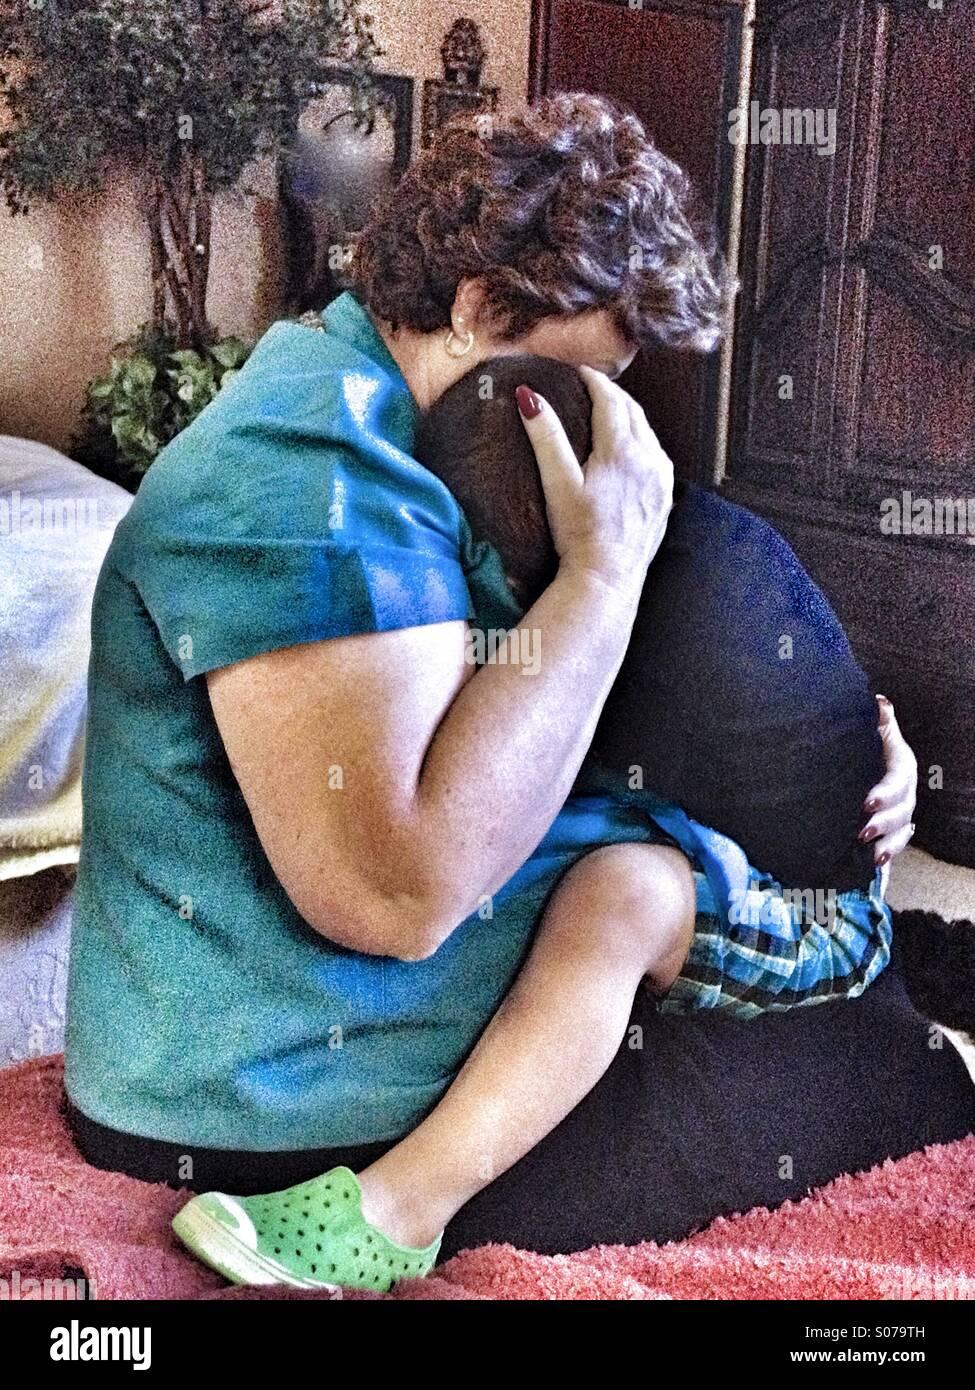 Toccare il colpo di una nonna holding, avvolgente e consolante un ragazzino. Immagini Stock